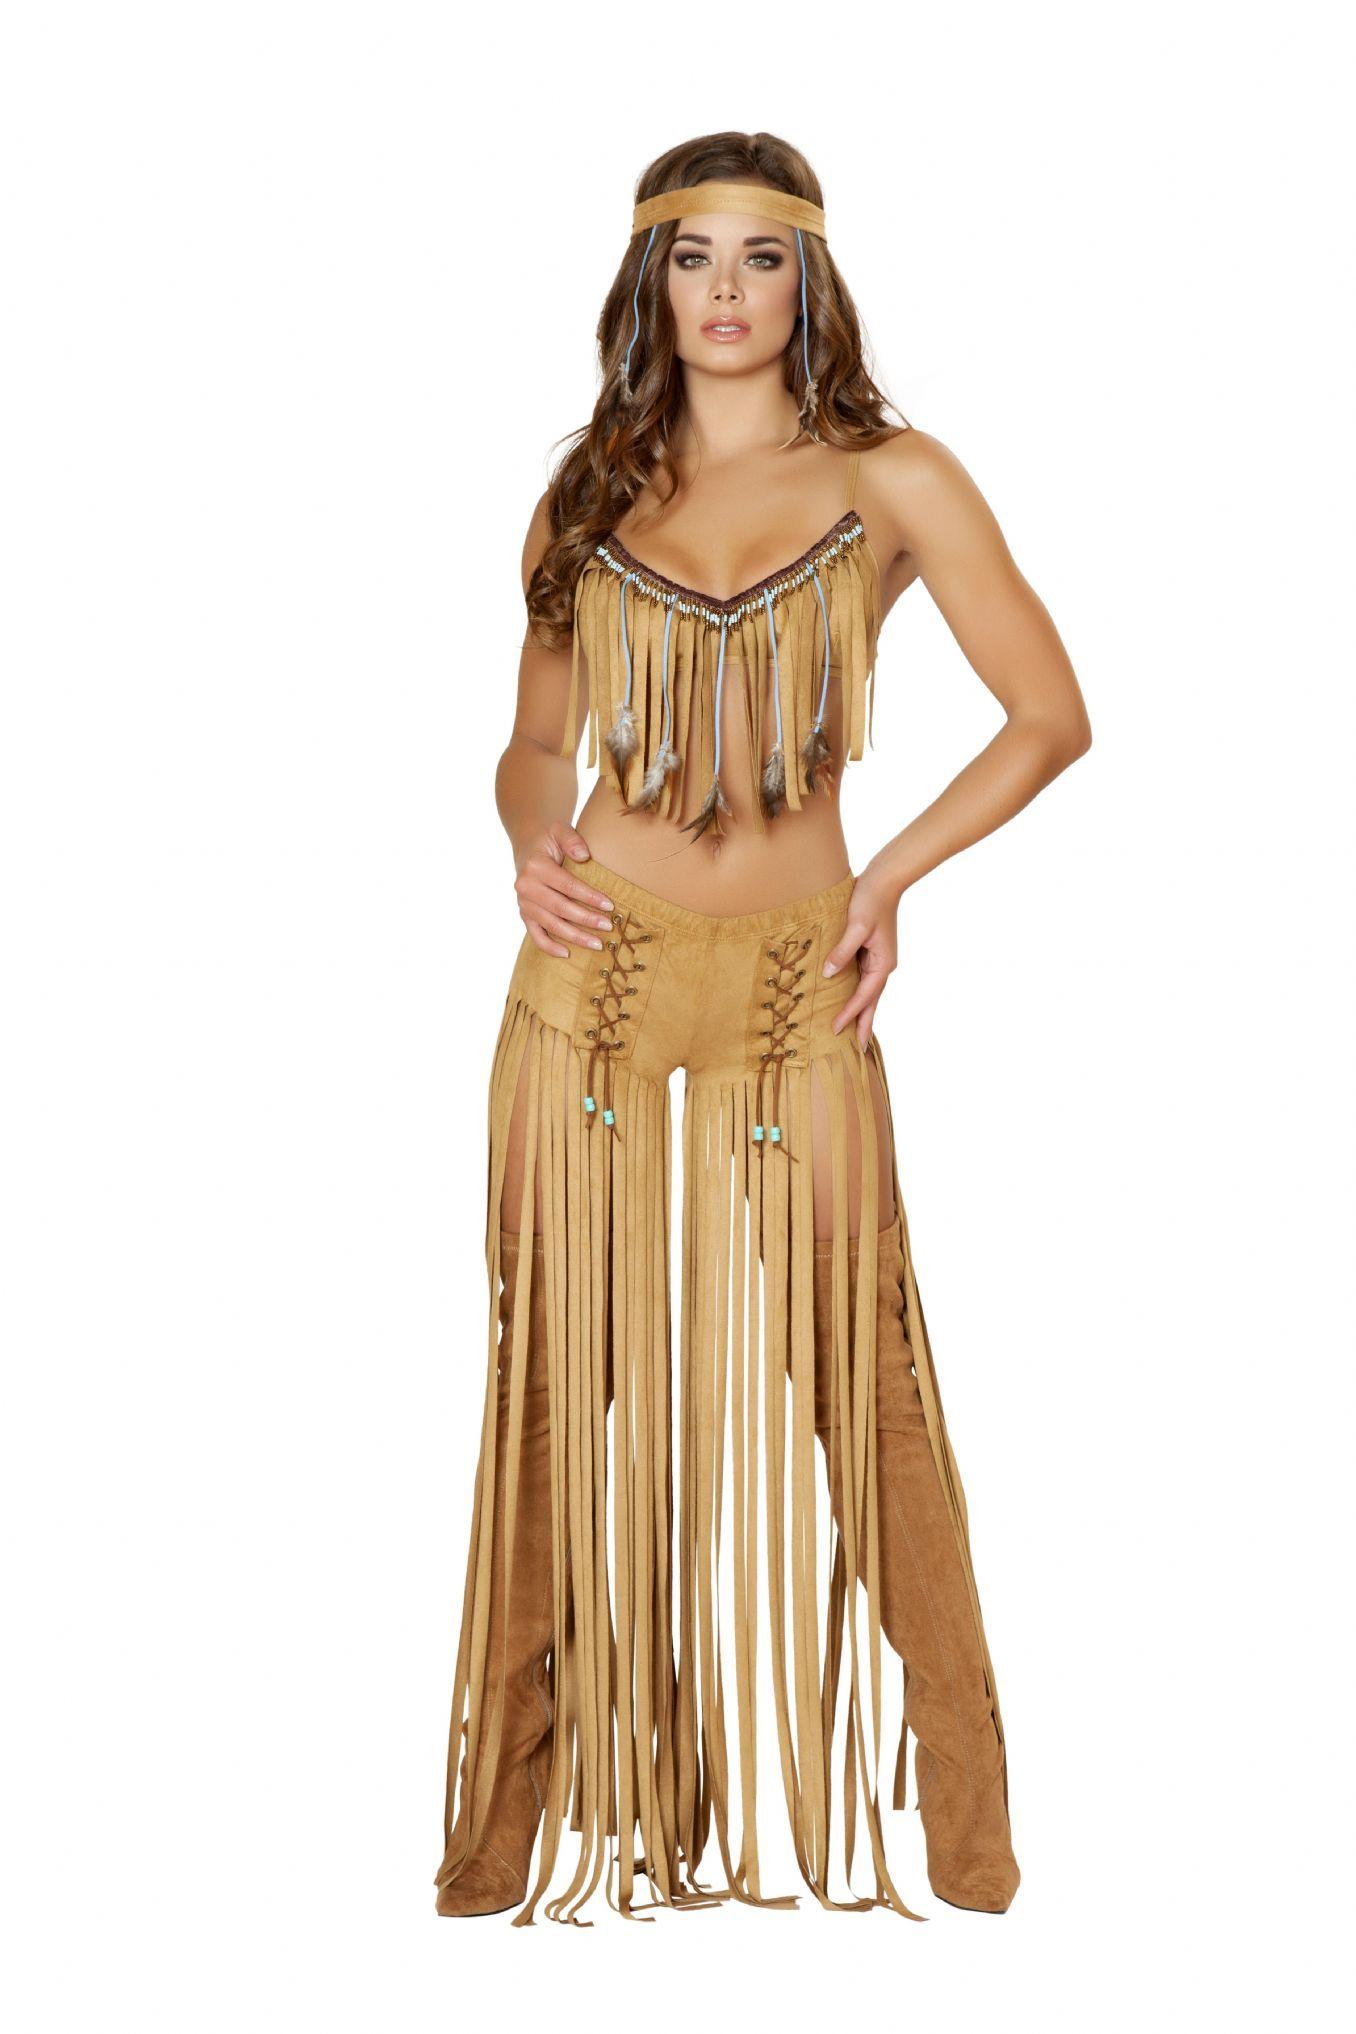 Dessie Mitcheson  Dessie Mitcheson  Cowgirl Halloween -5148